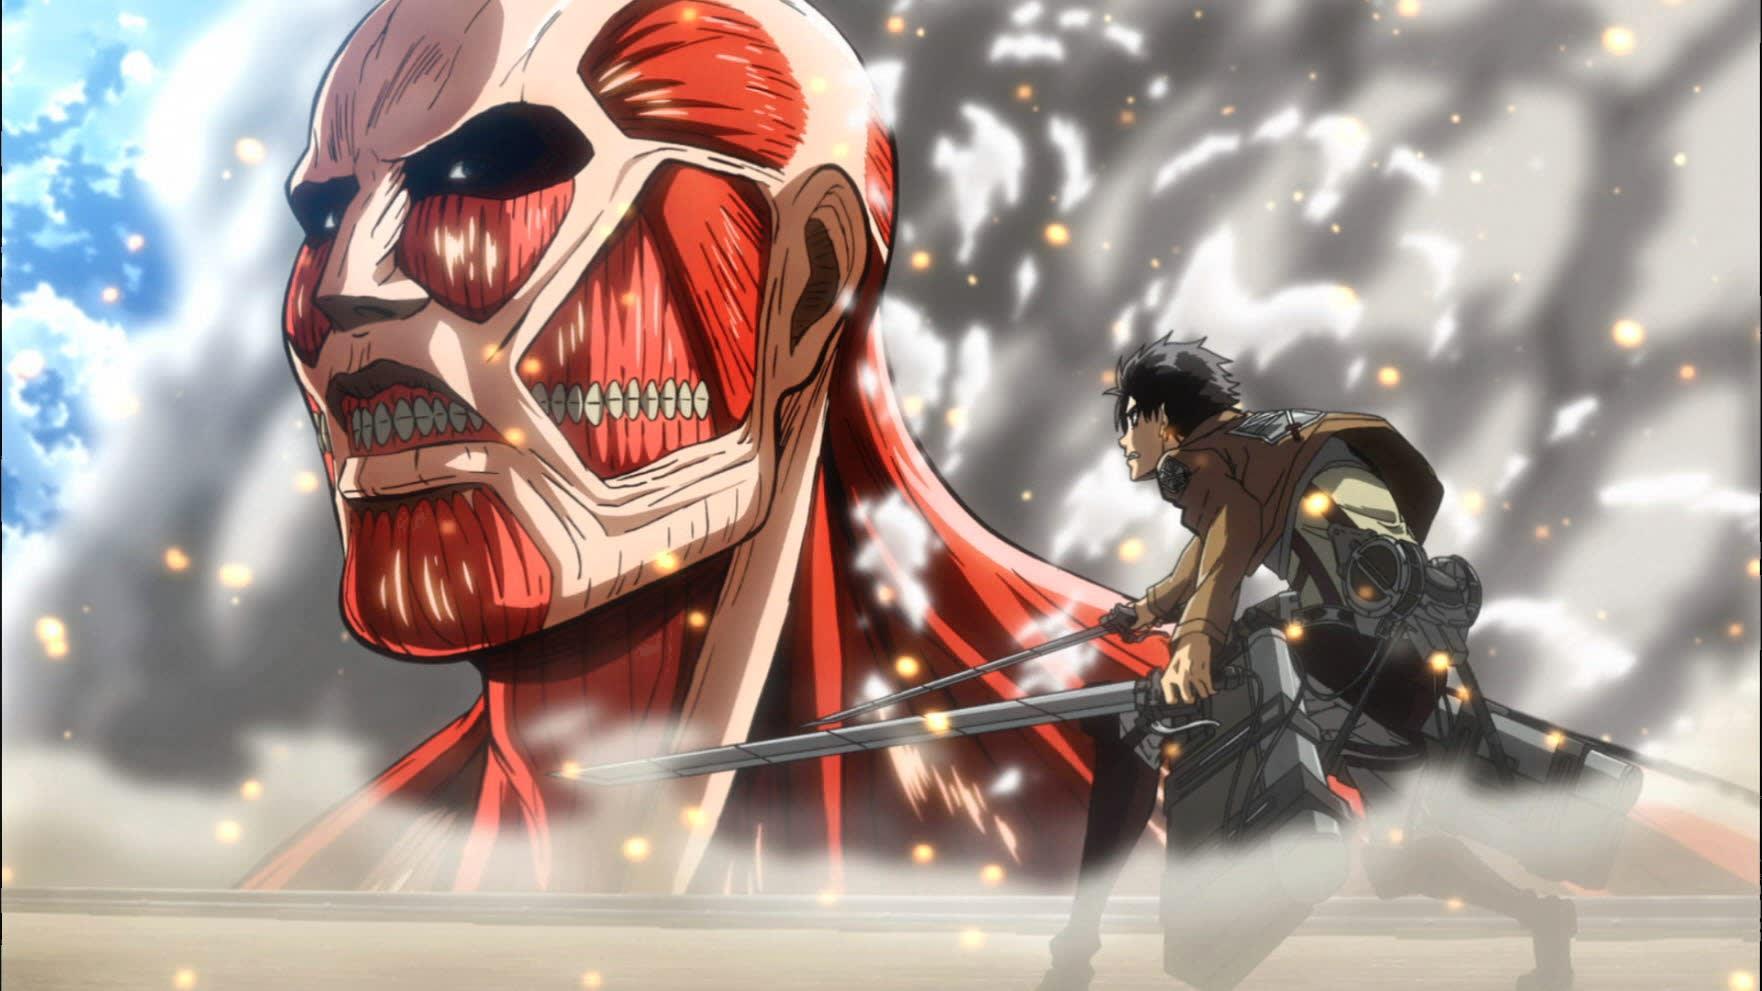 Ảnh Attack on titan đẹp